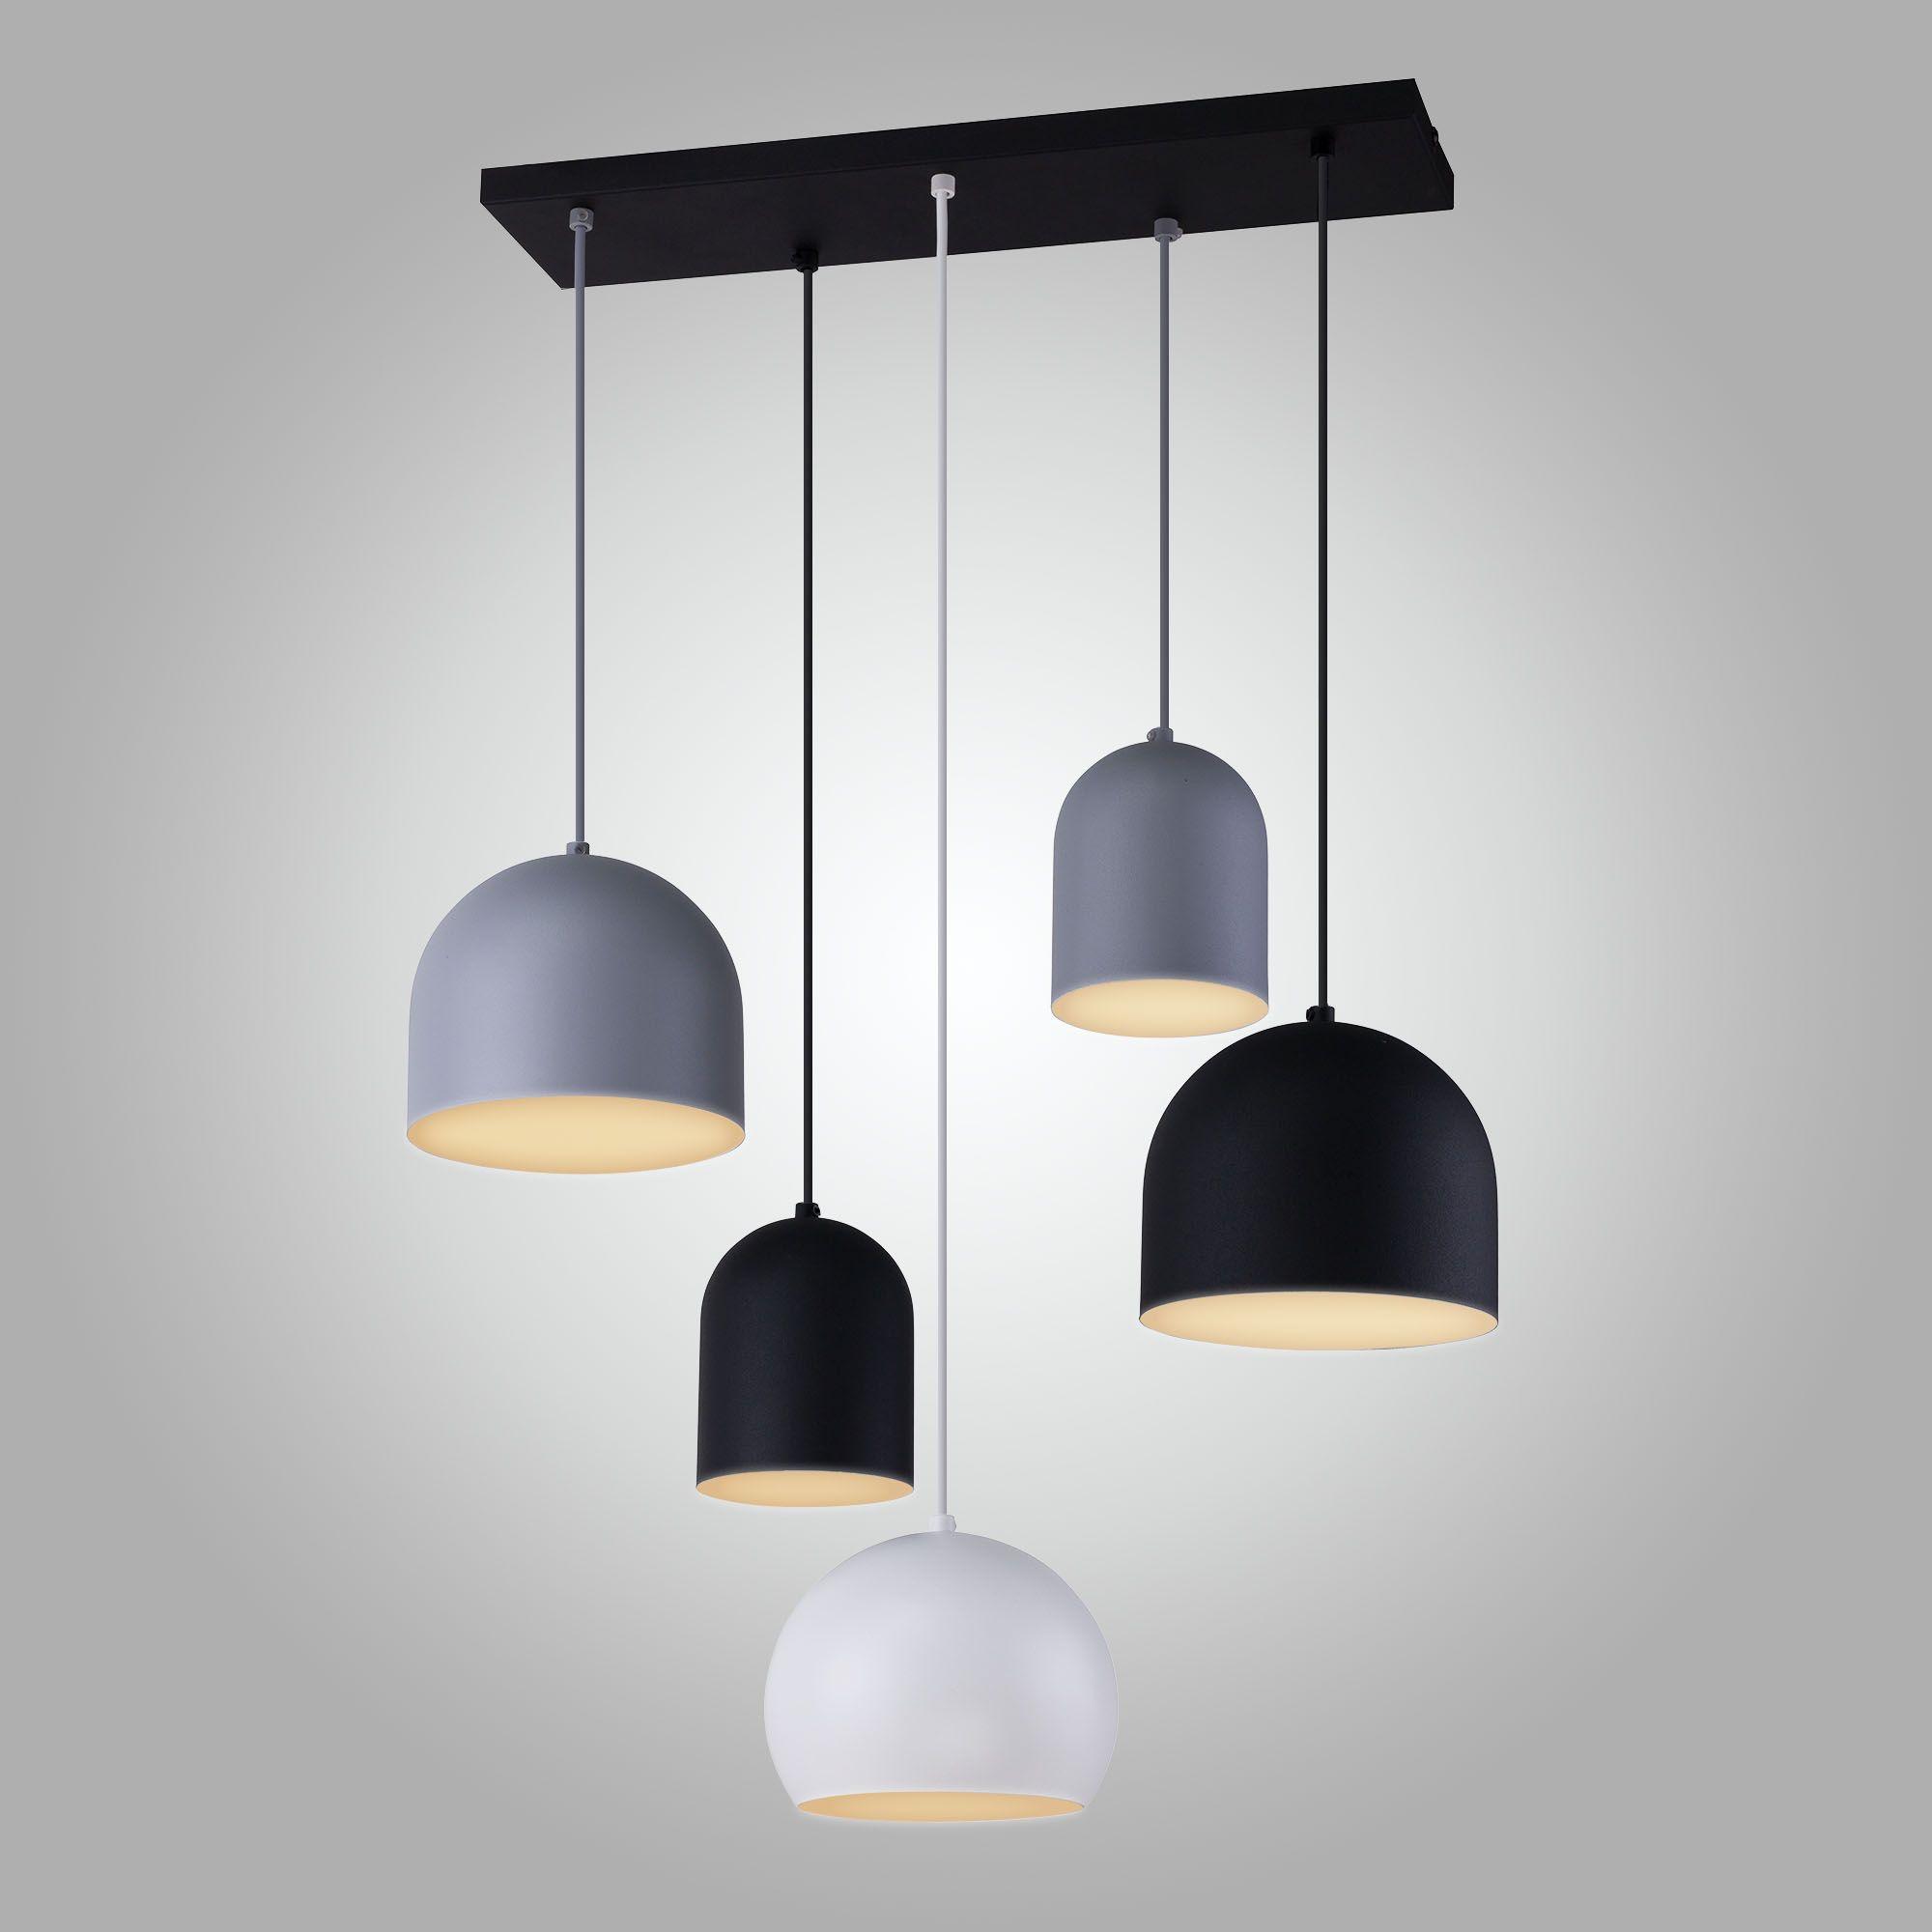 Подвесной светильник с металлическими плафонами 2829 Tempre